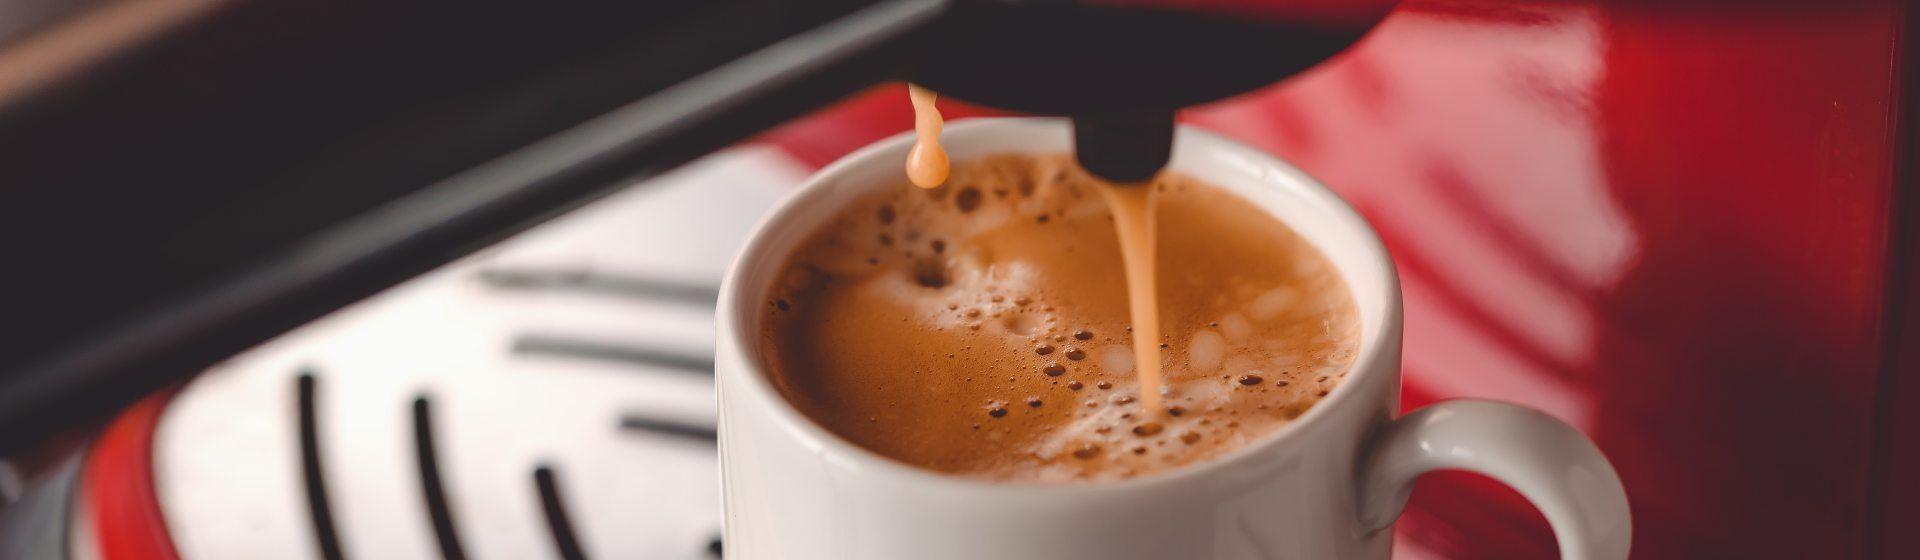 As 10 Melhores Cafeteiras em 2021